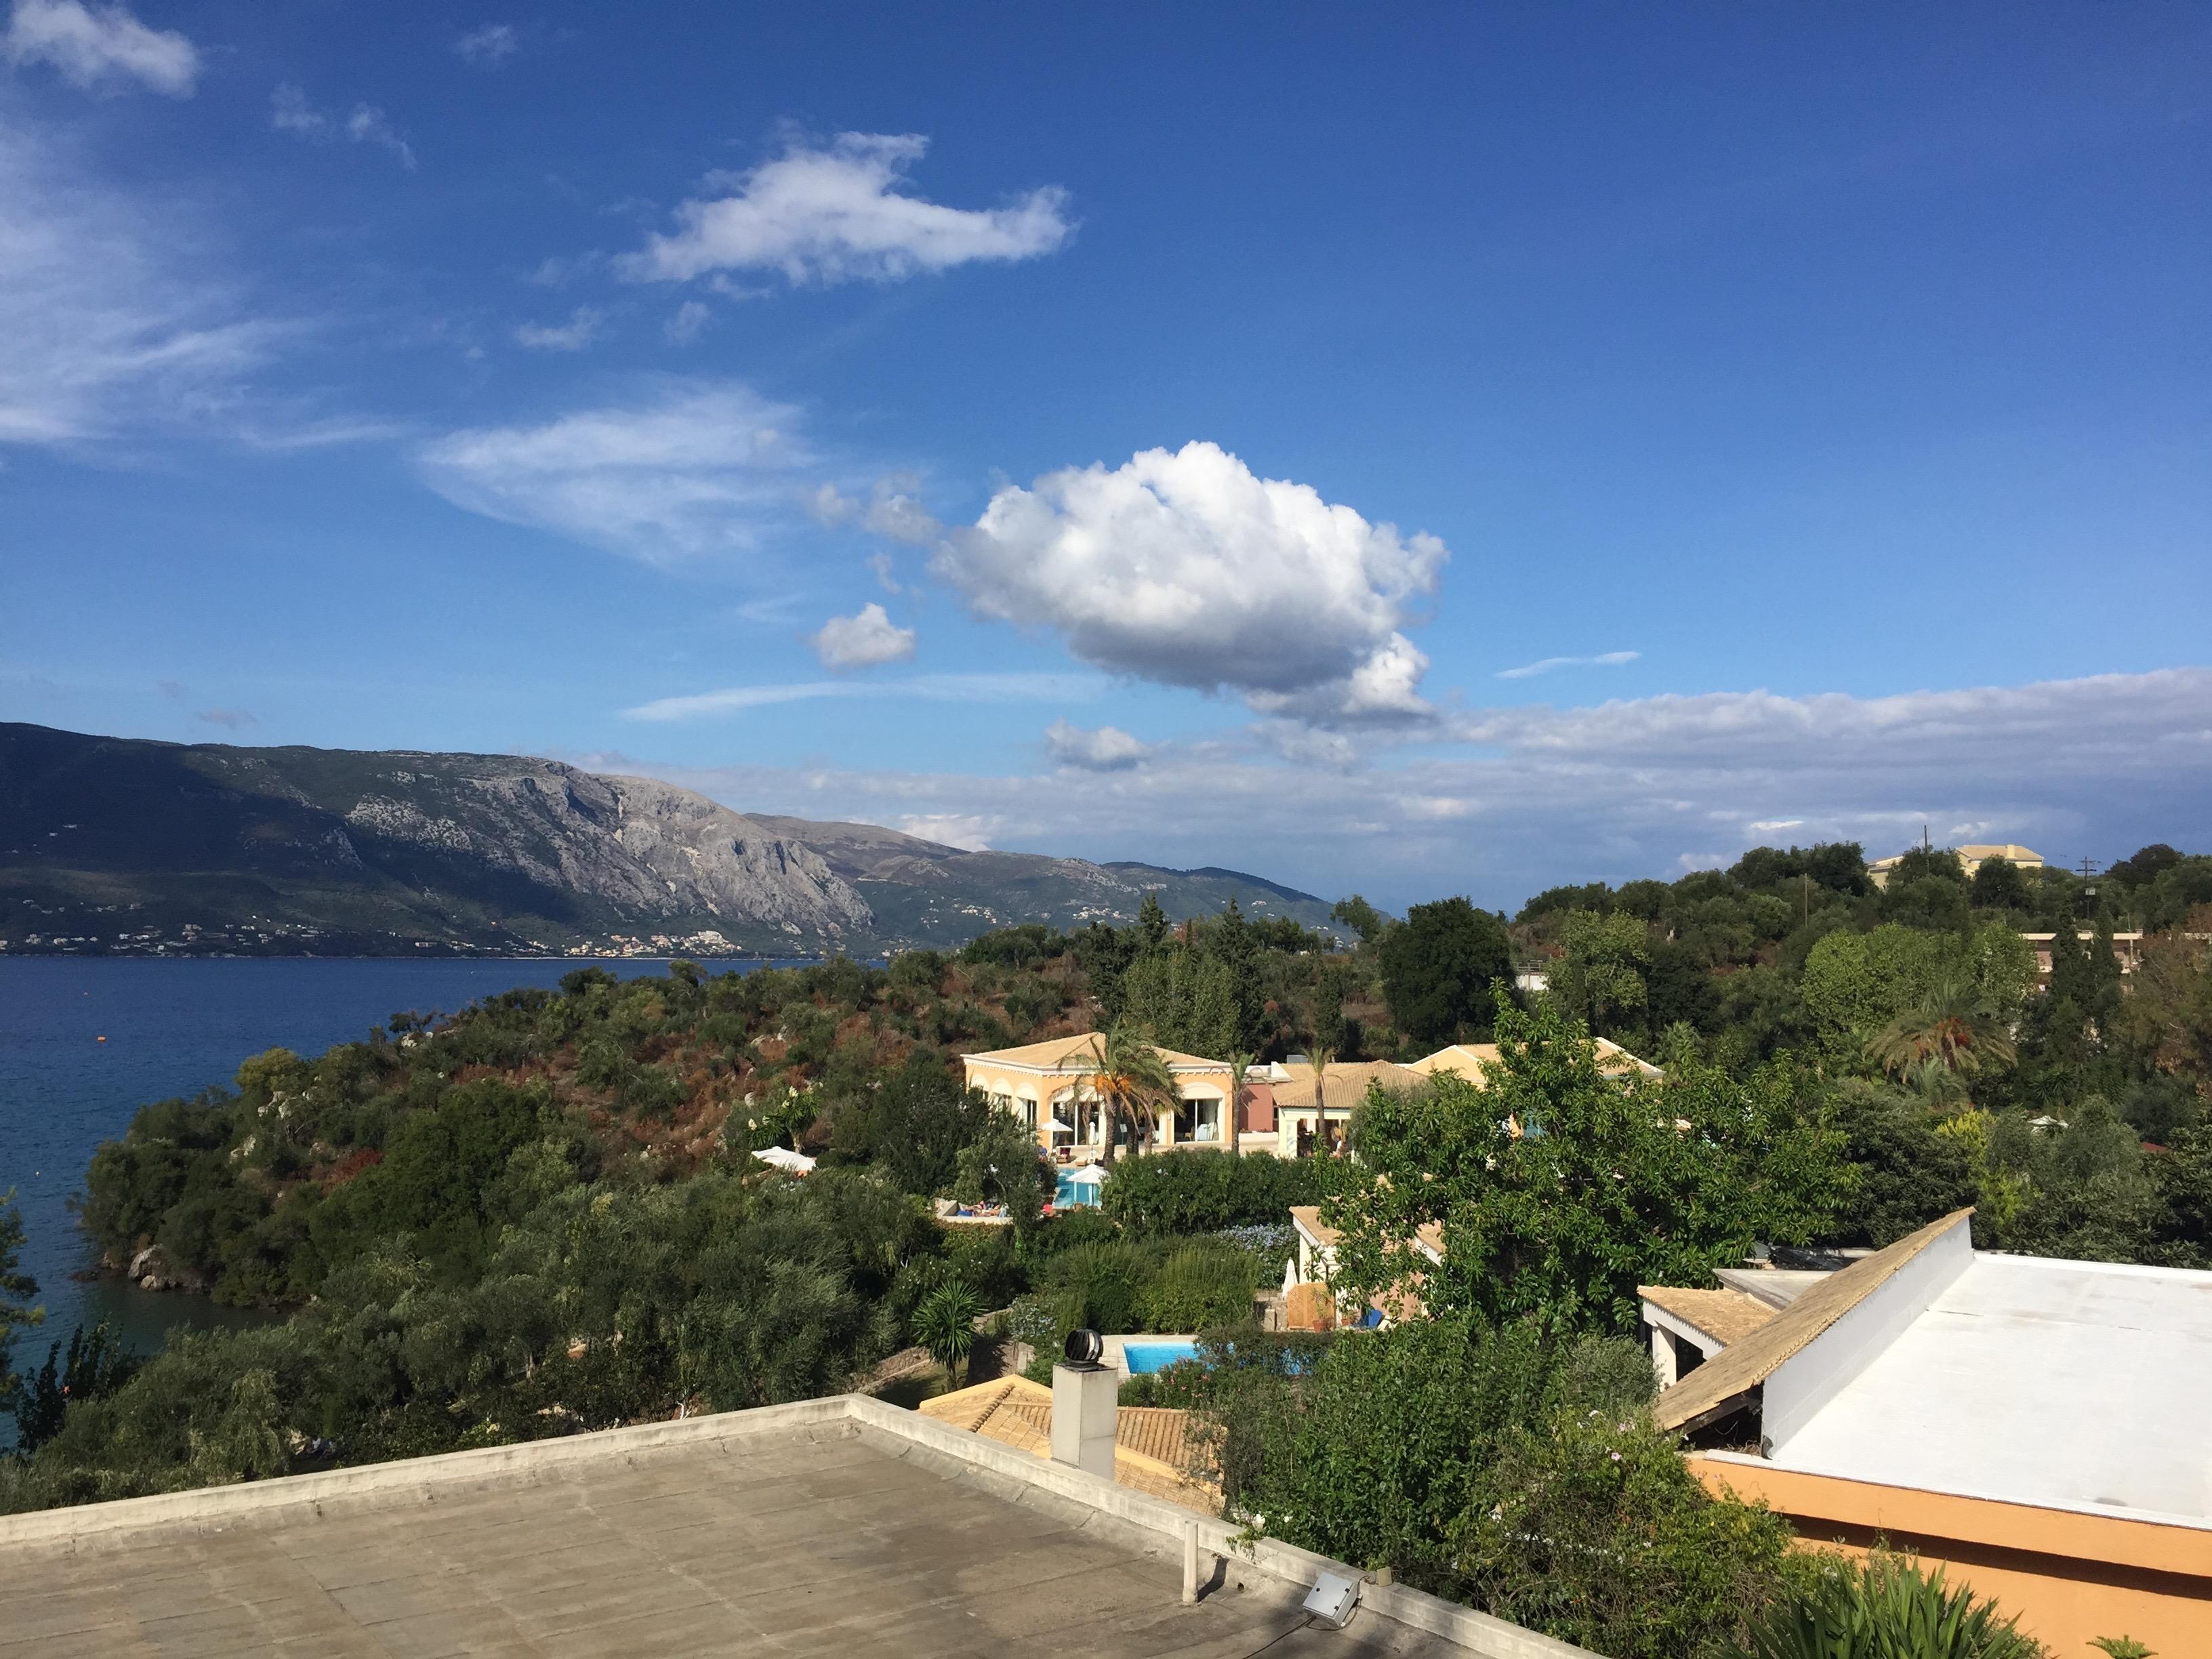 Blick aus dem Zimmerfenster auf Bucht und AlaCarte-Restaurant